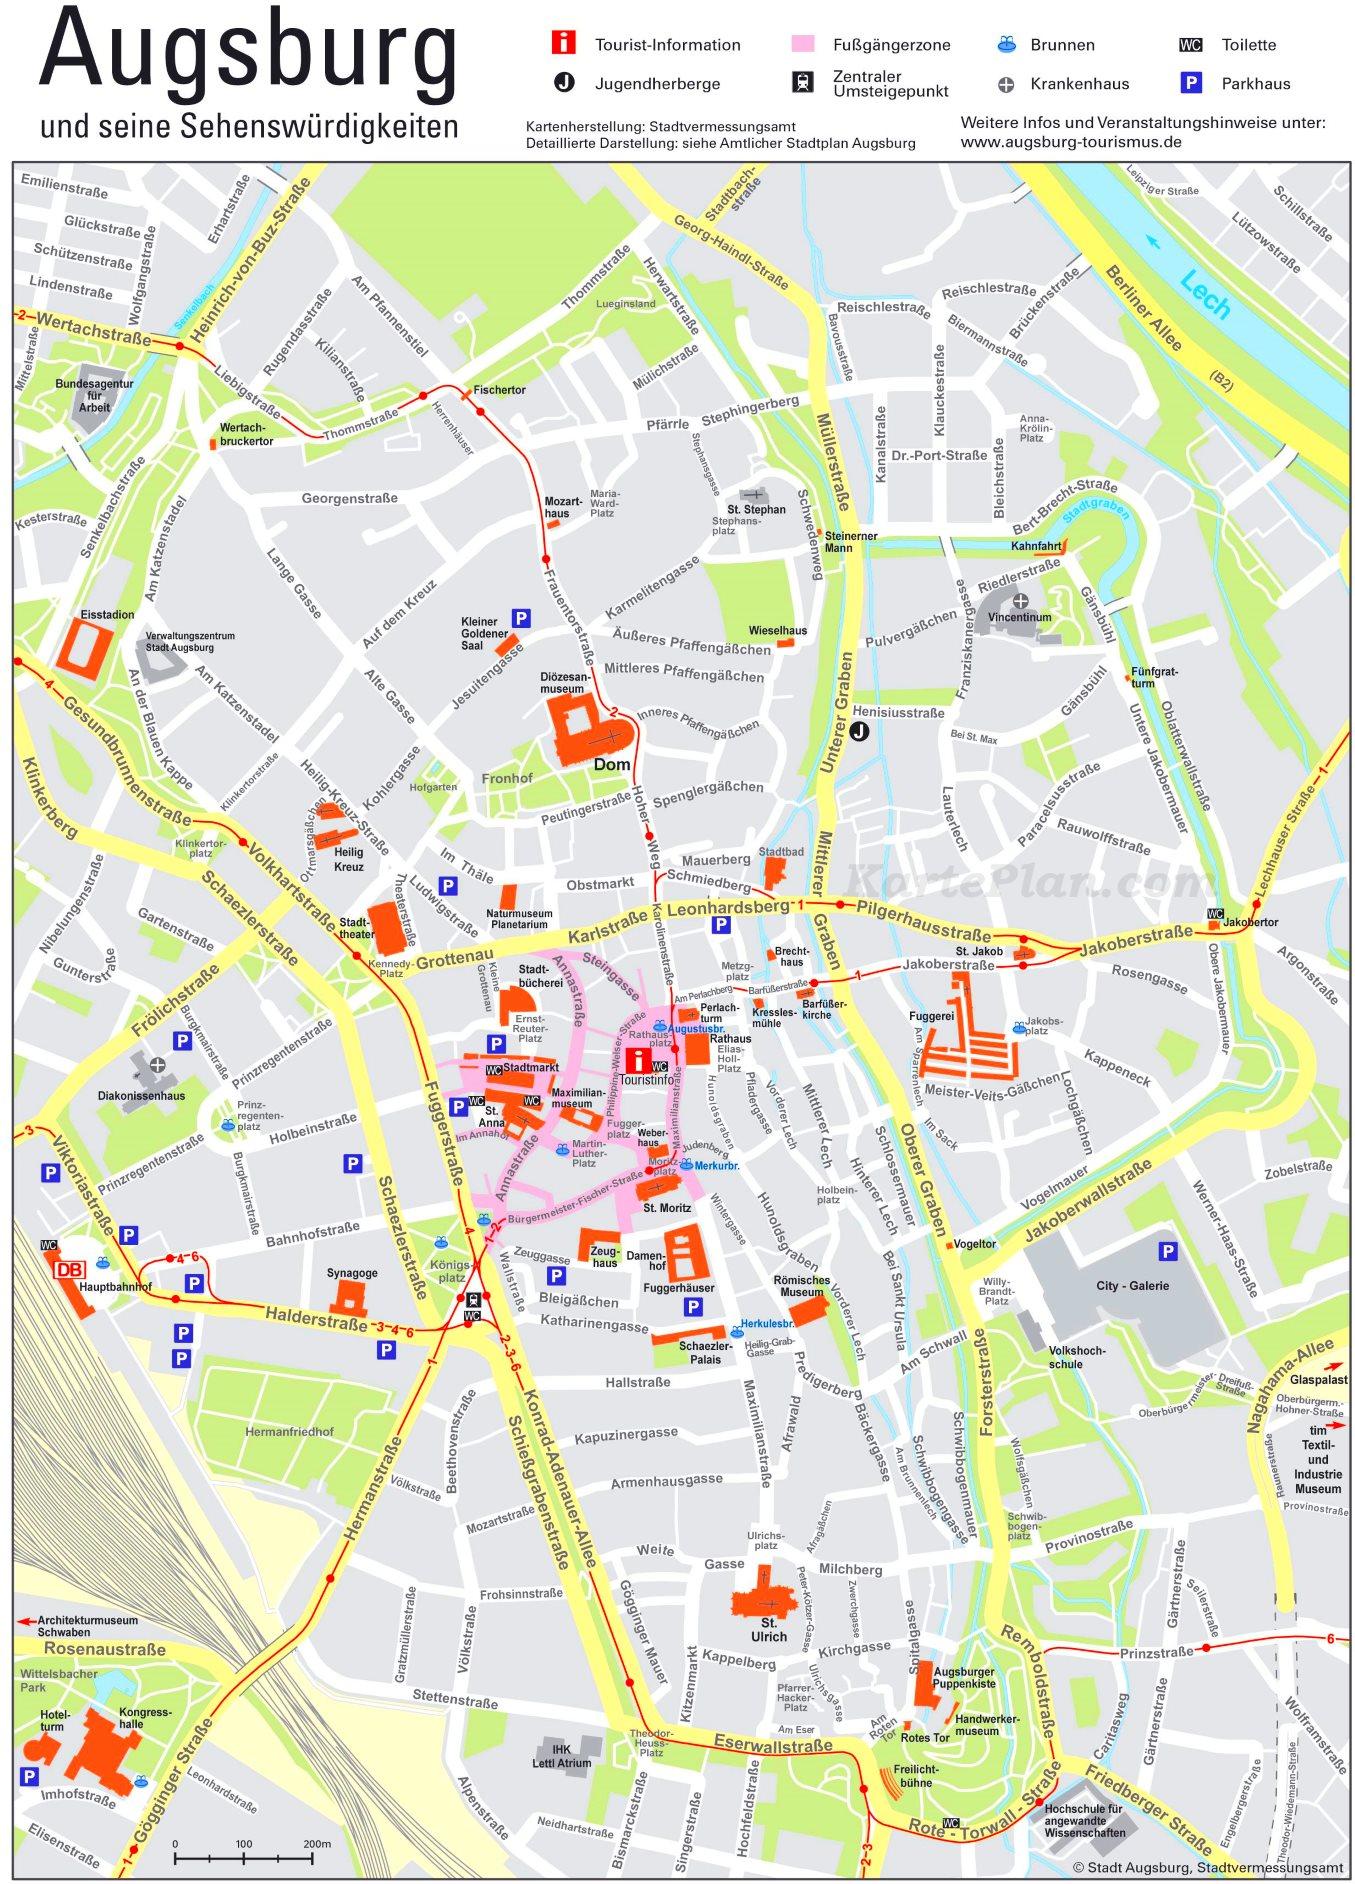 Karte Augsburg.Touristischer Stadtplan Von Augsburg